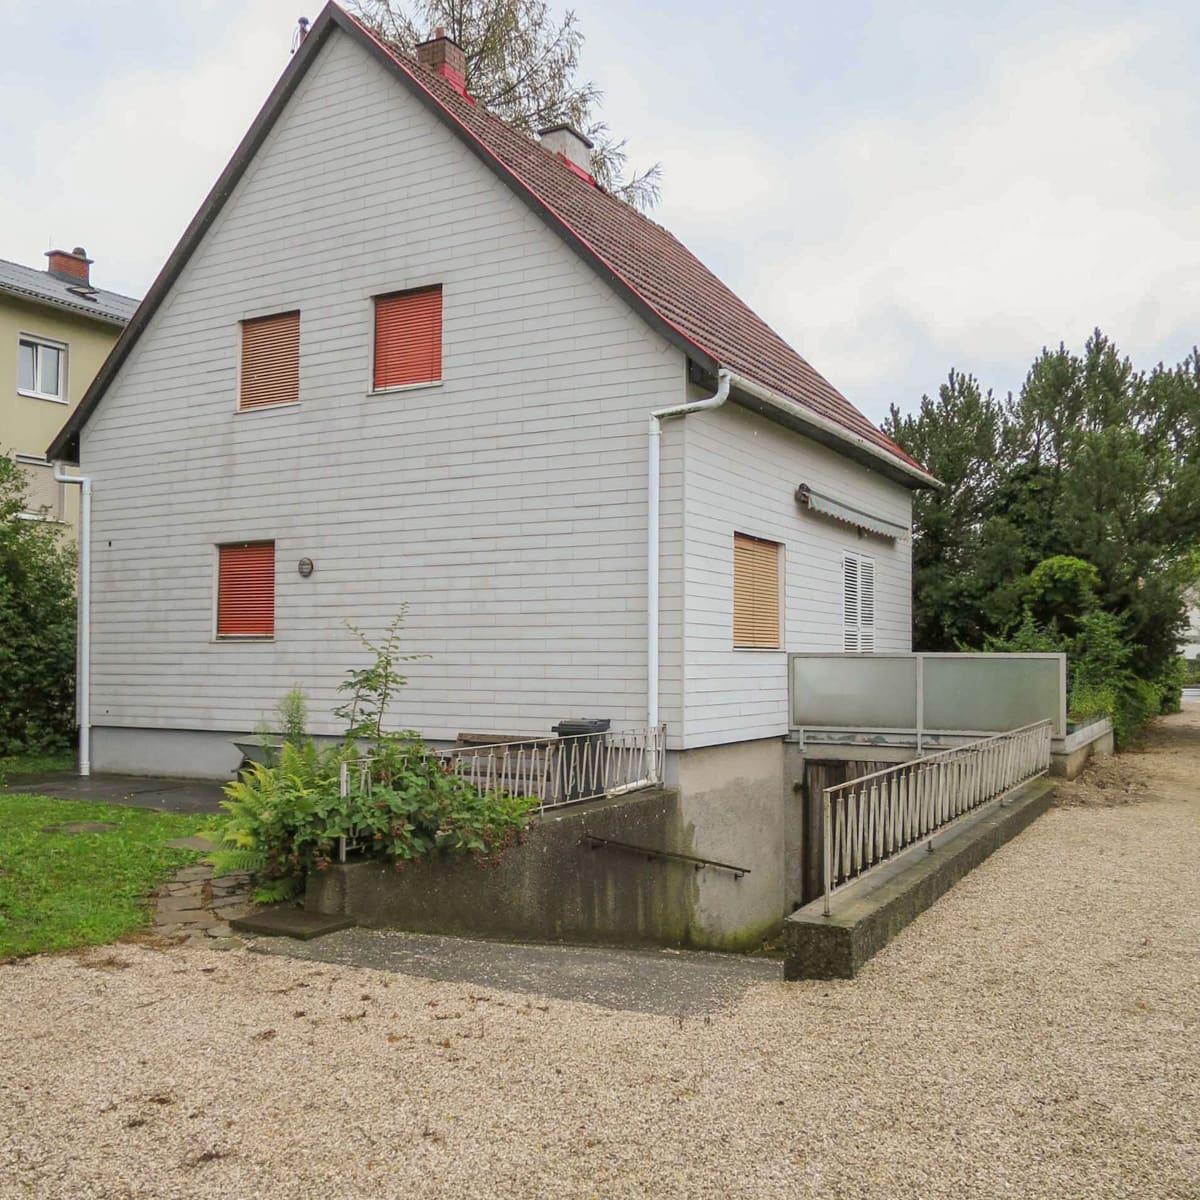 Umbau in Pasching; architektur; pasching; zubau; büroerweiterung; wohnung